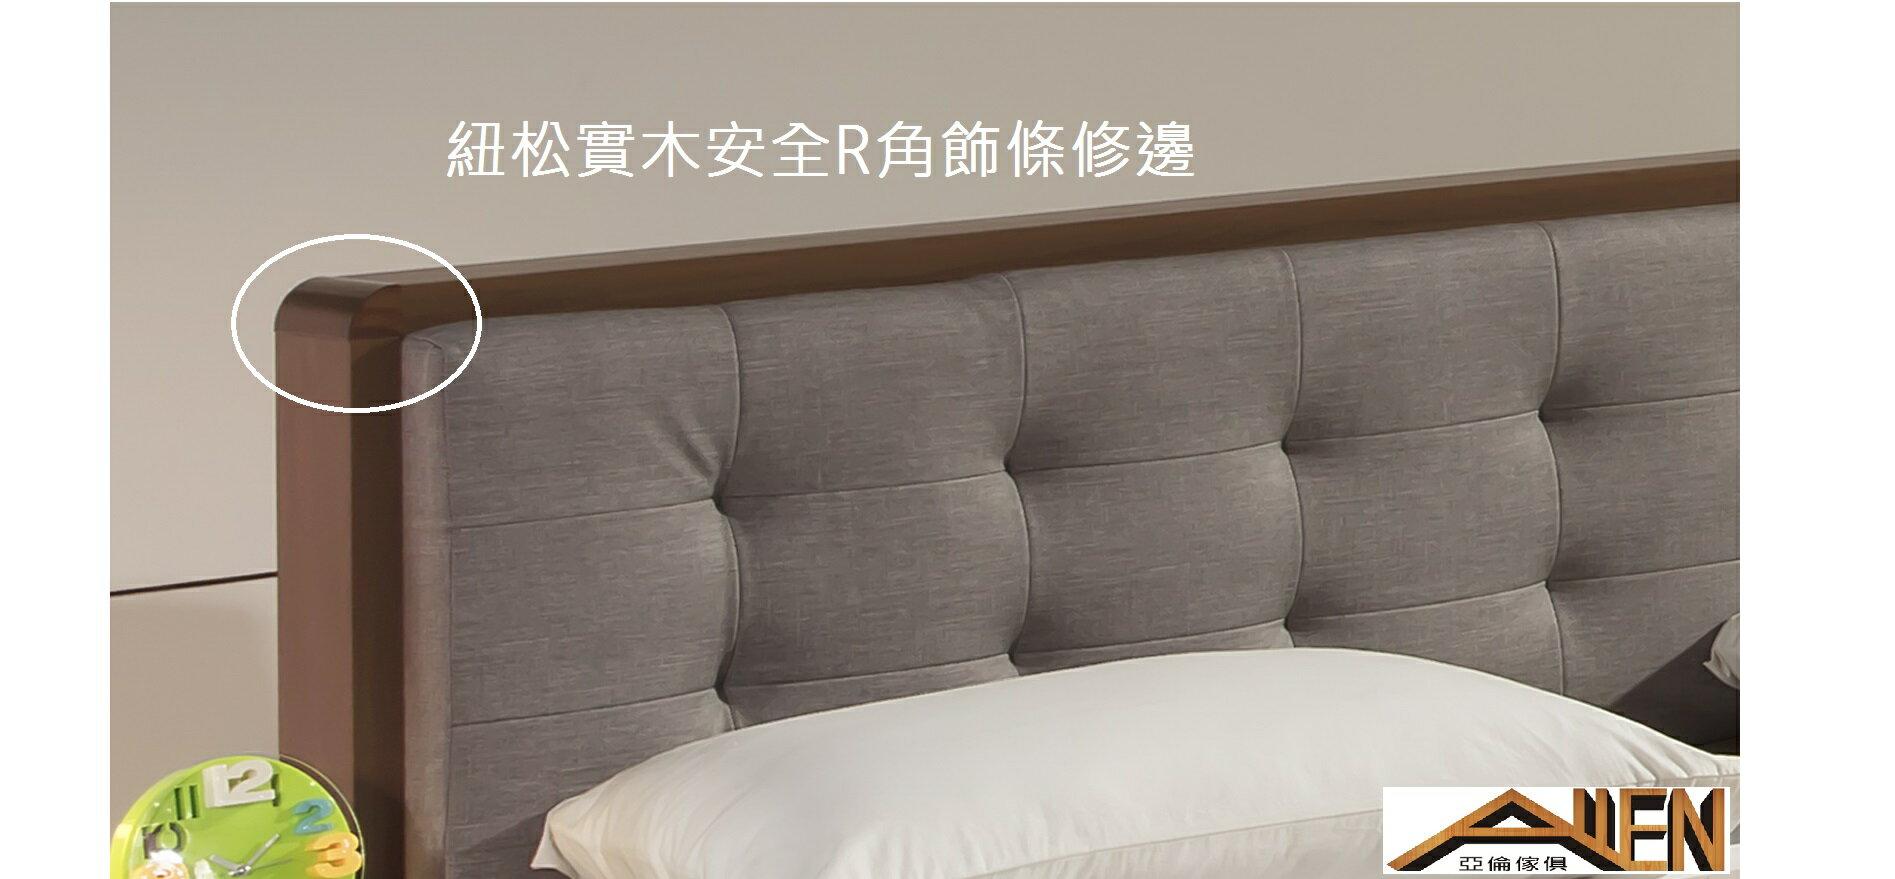 亞倫傢俱*阿勞德安全R角6尺雙人加大床架 (床頭片款) 1